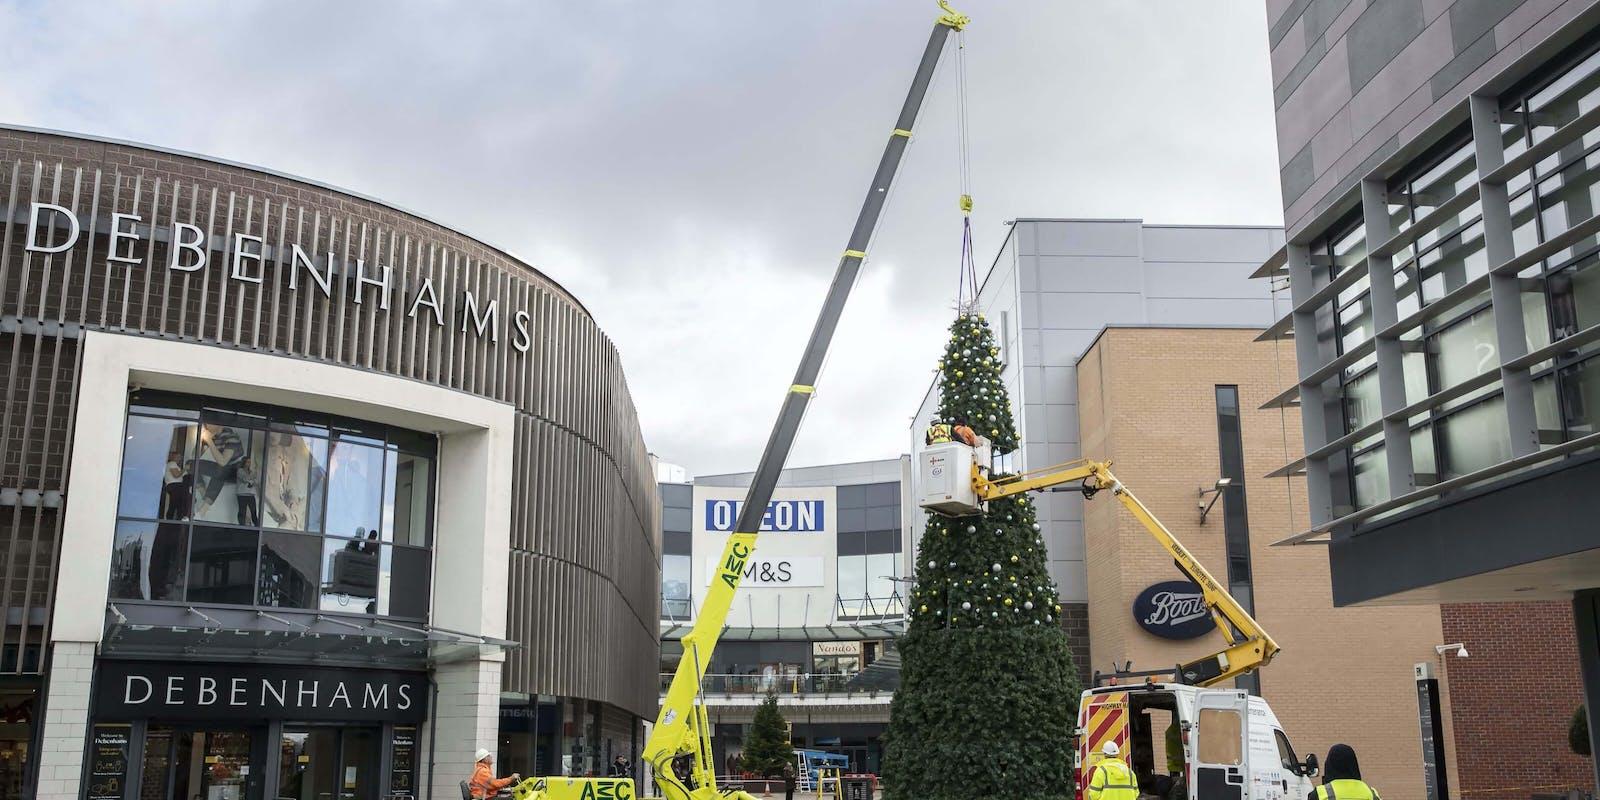 Christmas Tree outside Debenhams